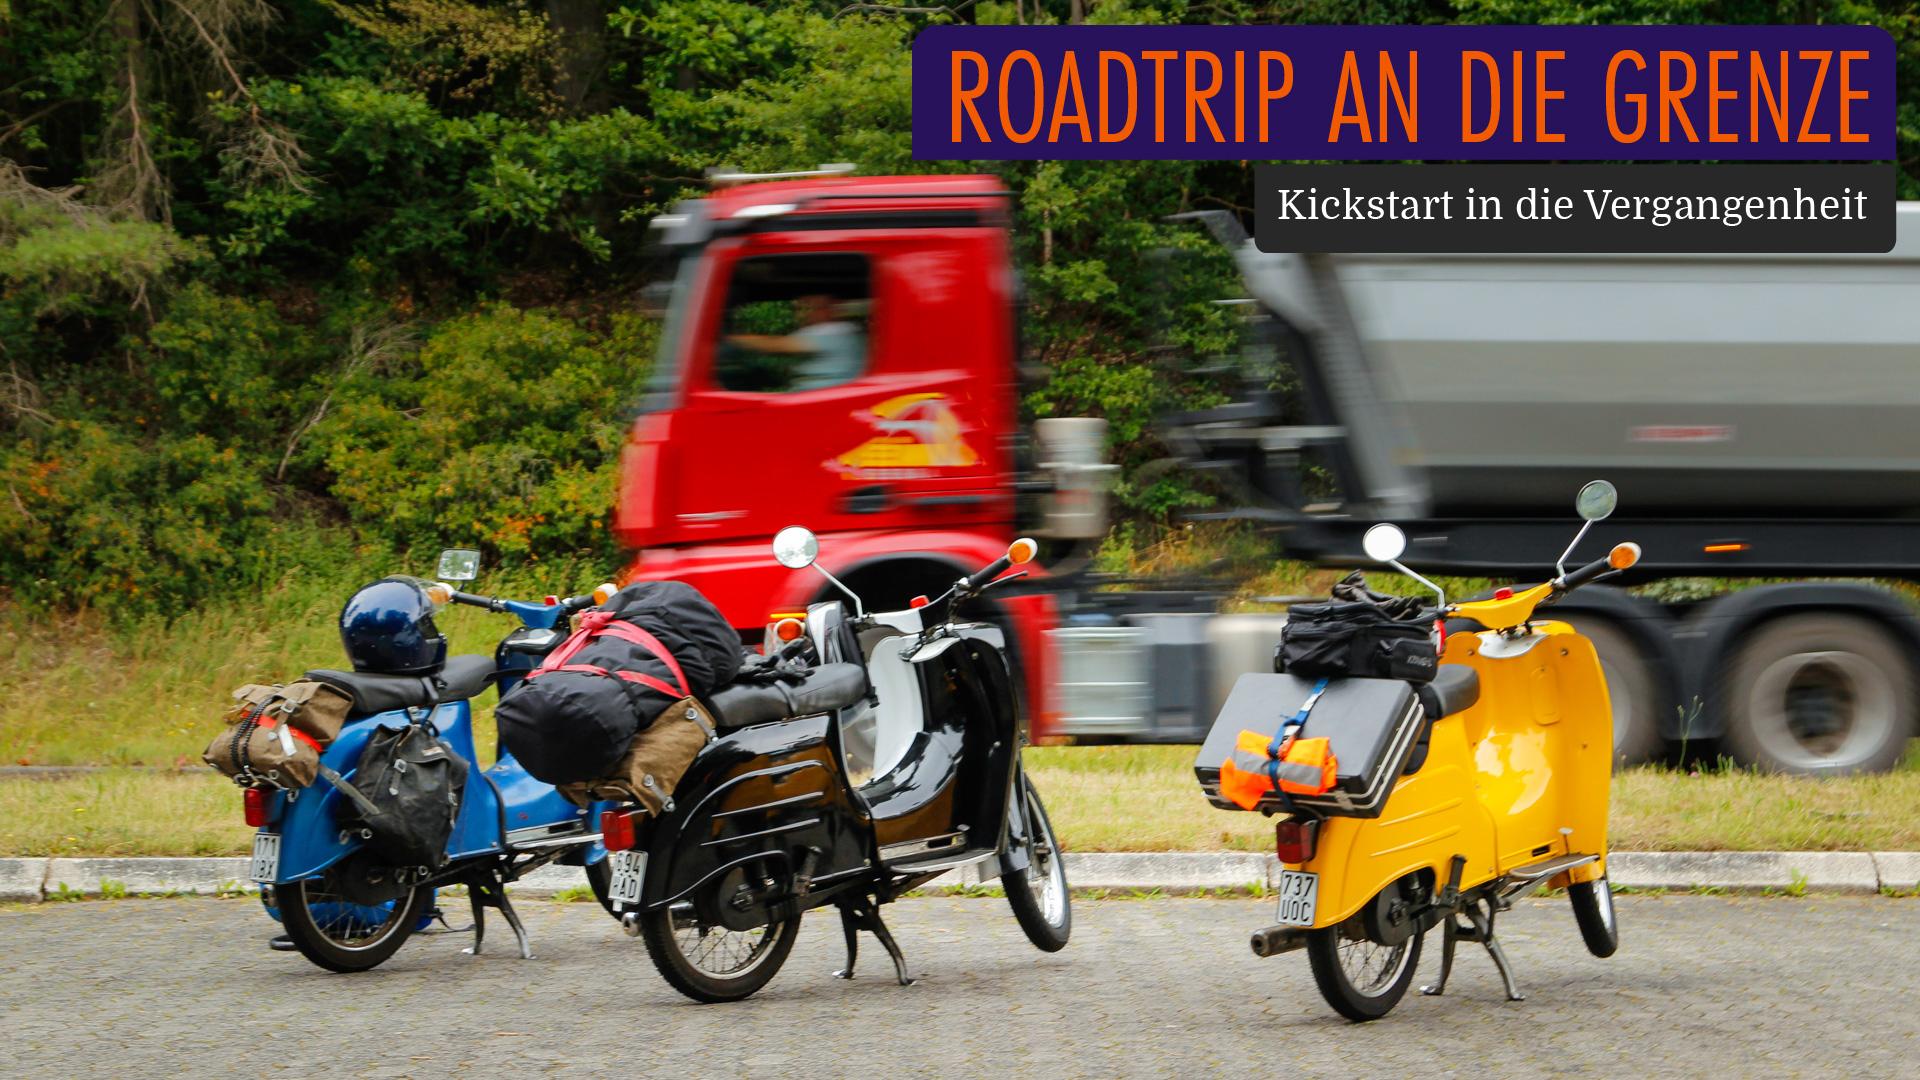 Kickstart in die Vergangenheit | Roadtrip an die Grenze #1